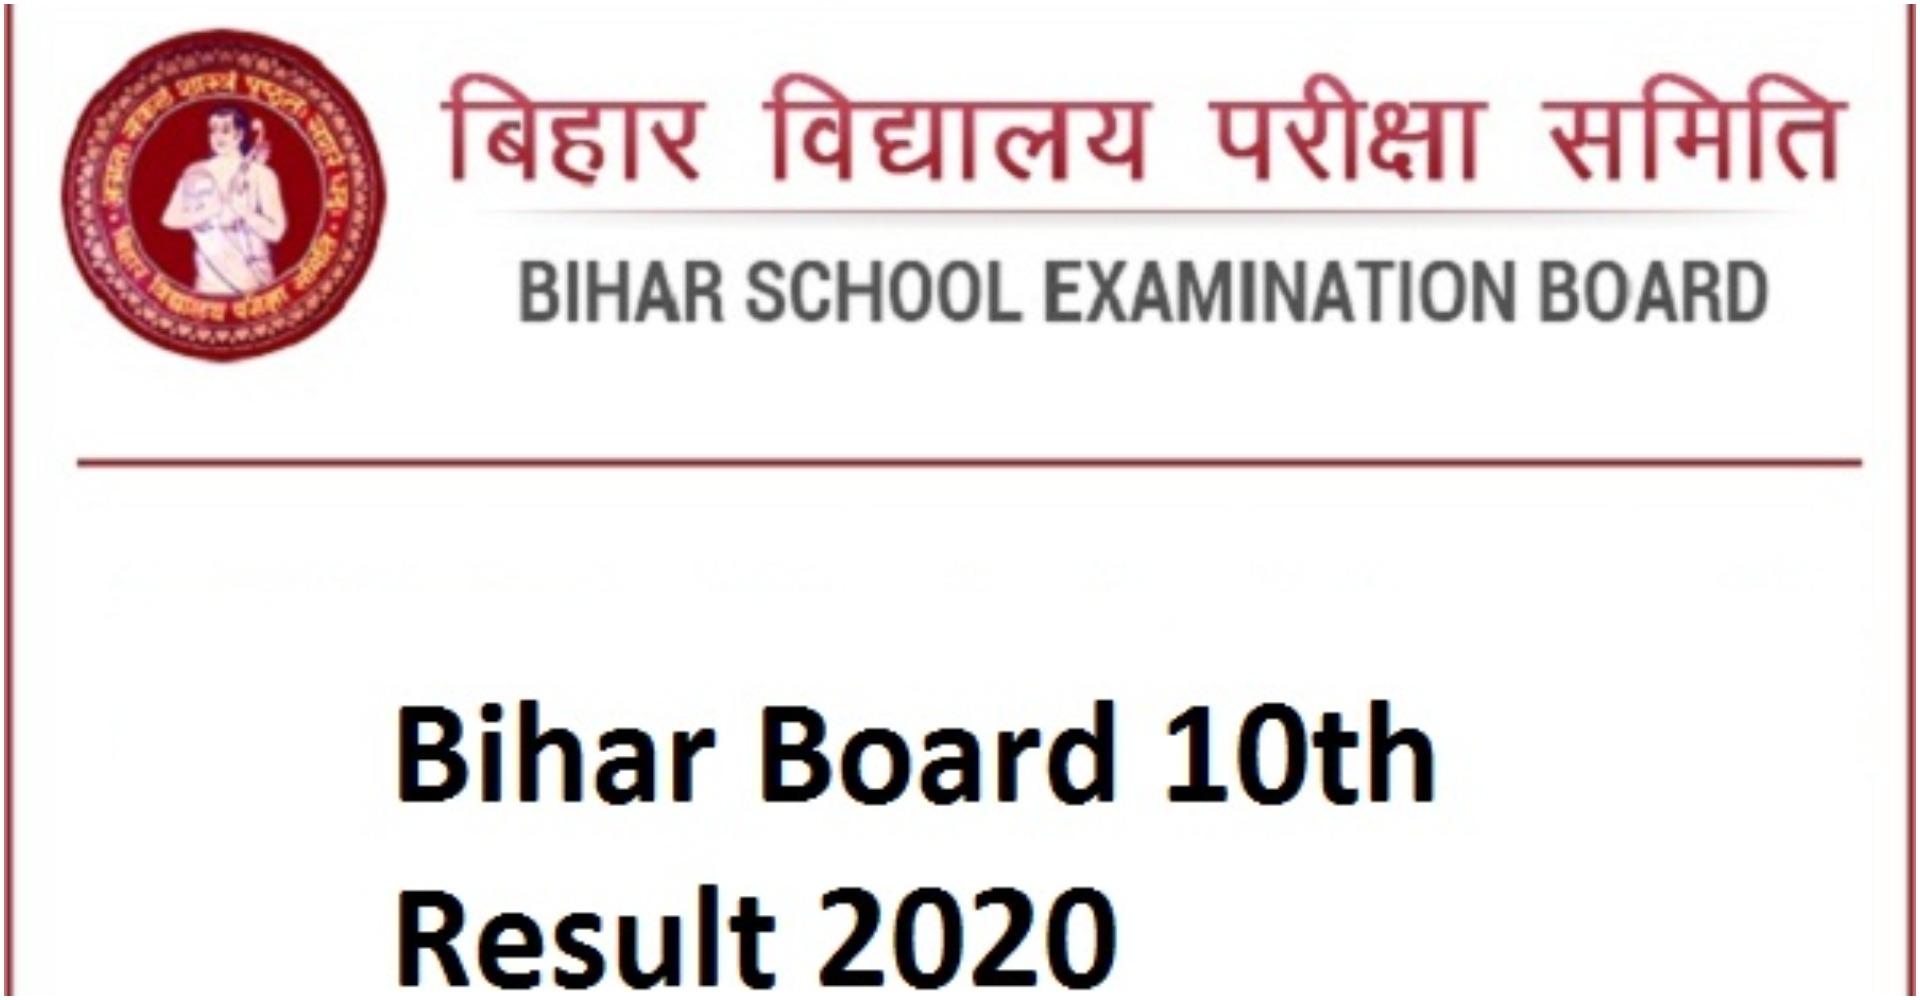 Bihar Board 10th Result 2020: बिहार बोर्ड के 10वी के छात्रों का रिजल्ट अप्रैल के अंत तक होगा जारी